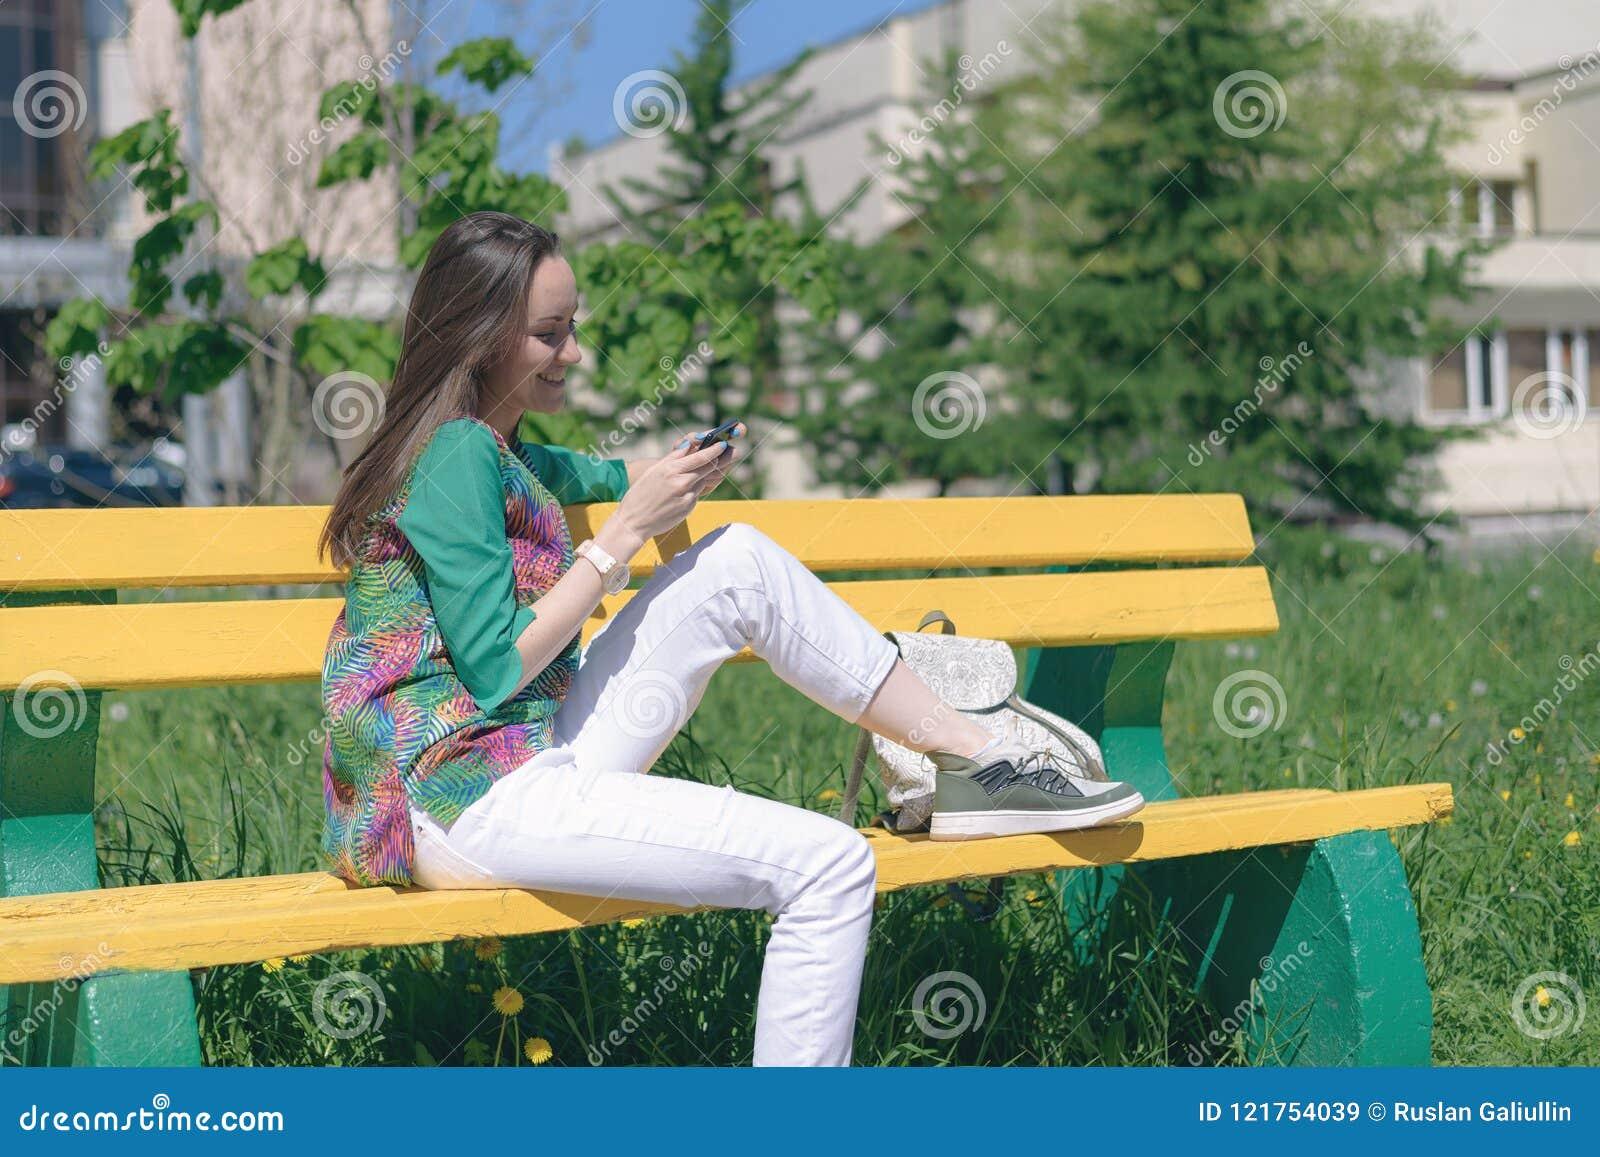 Ung flicka i vit jeans och gymnastikskor som sitter på en gul bänk och bruk en smartphone, online-kommunikation, sociala nätverk,